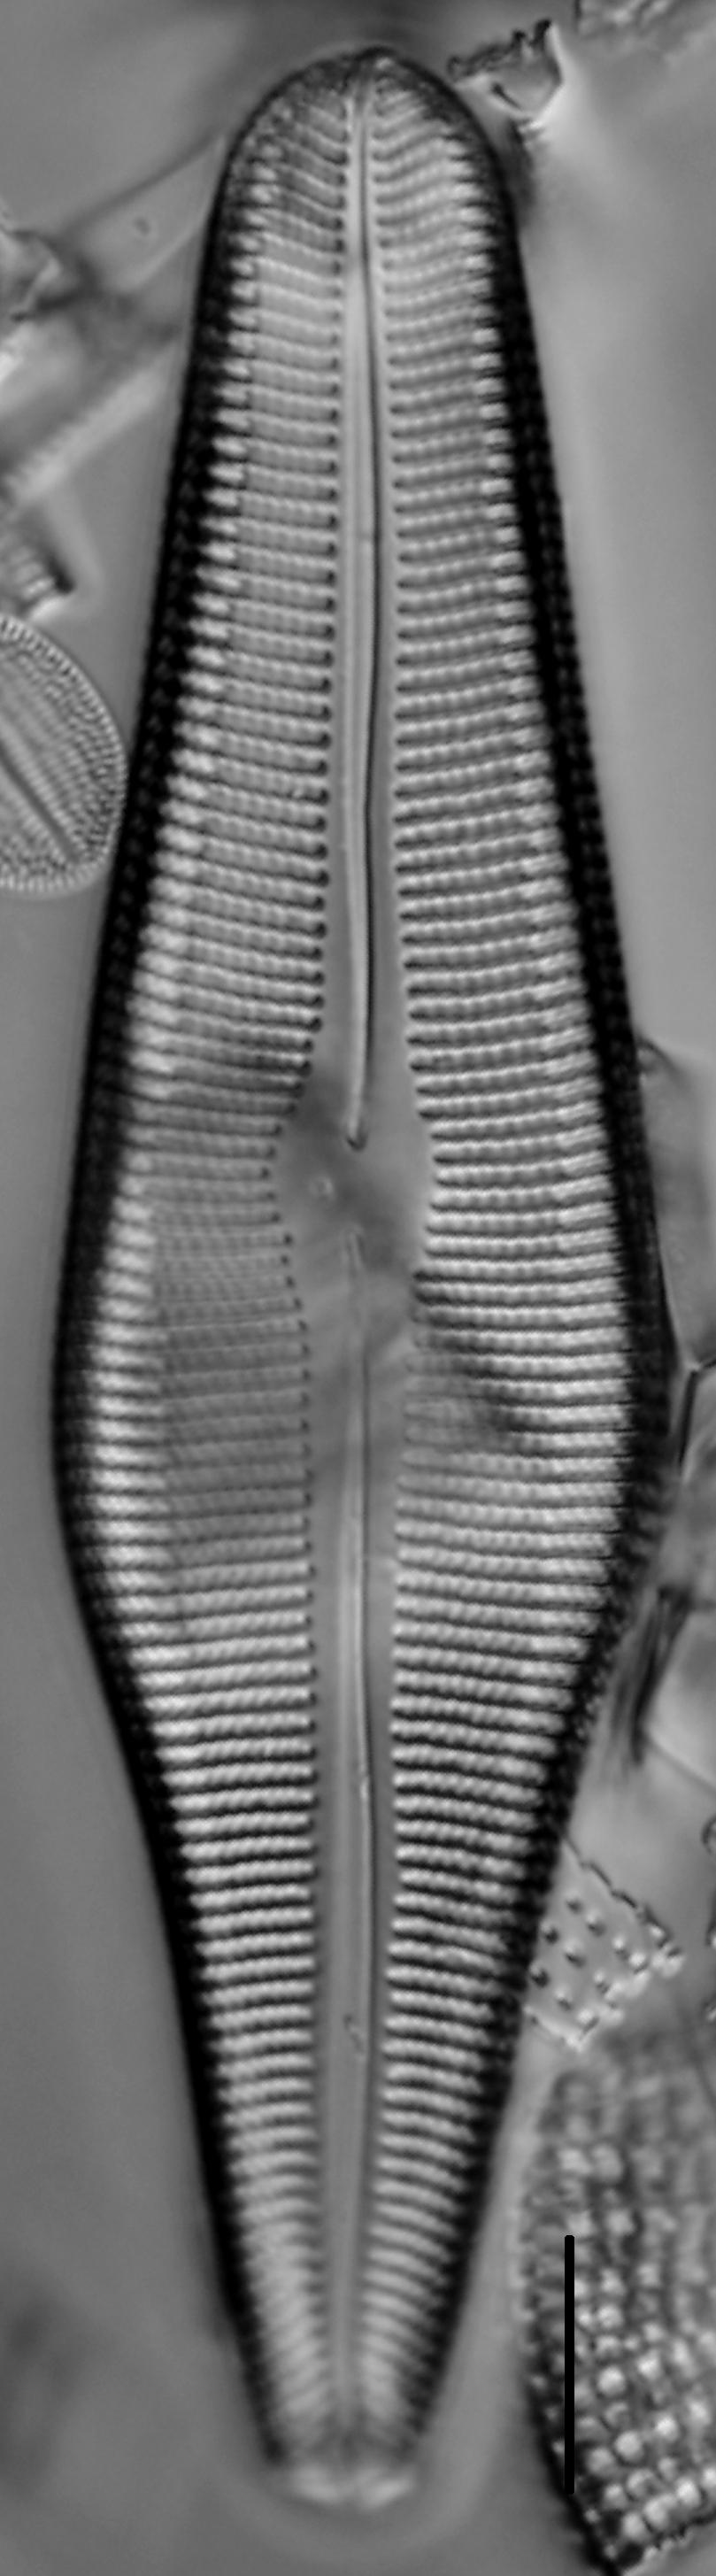 Gomphoneis herculeana var. lowei LM6